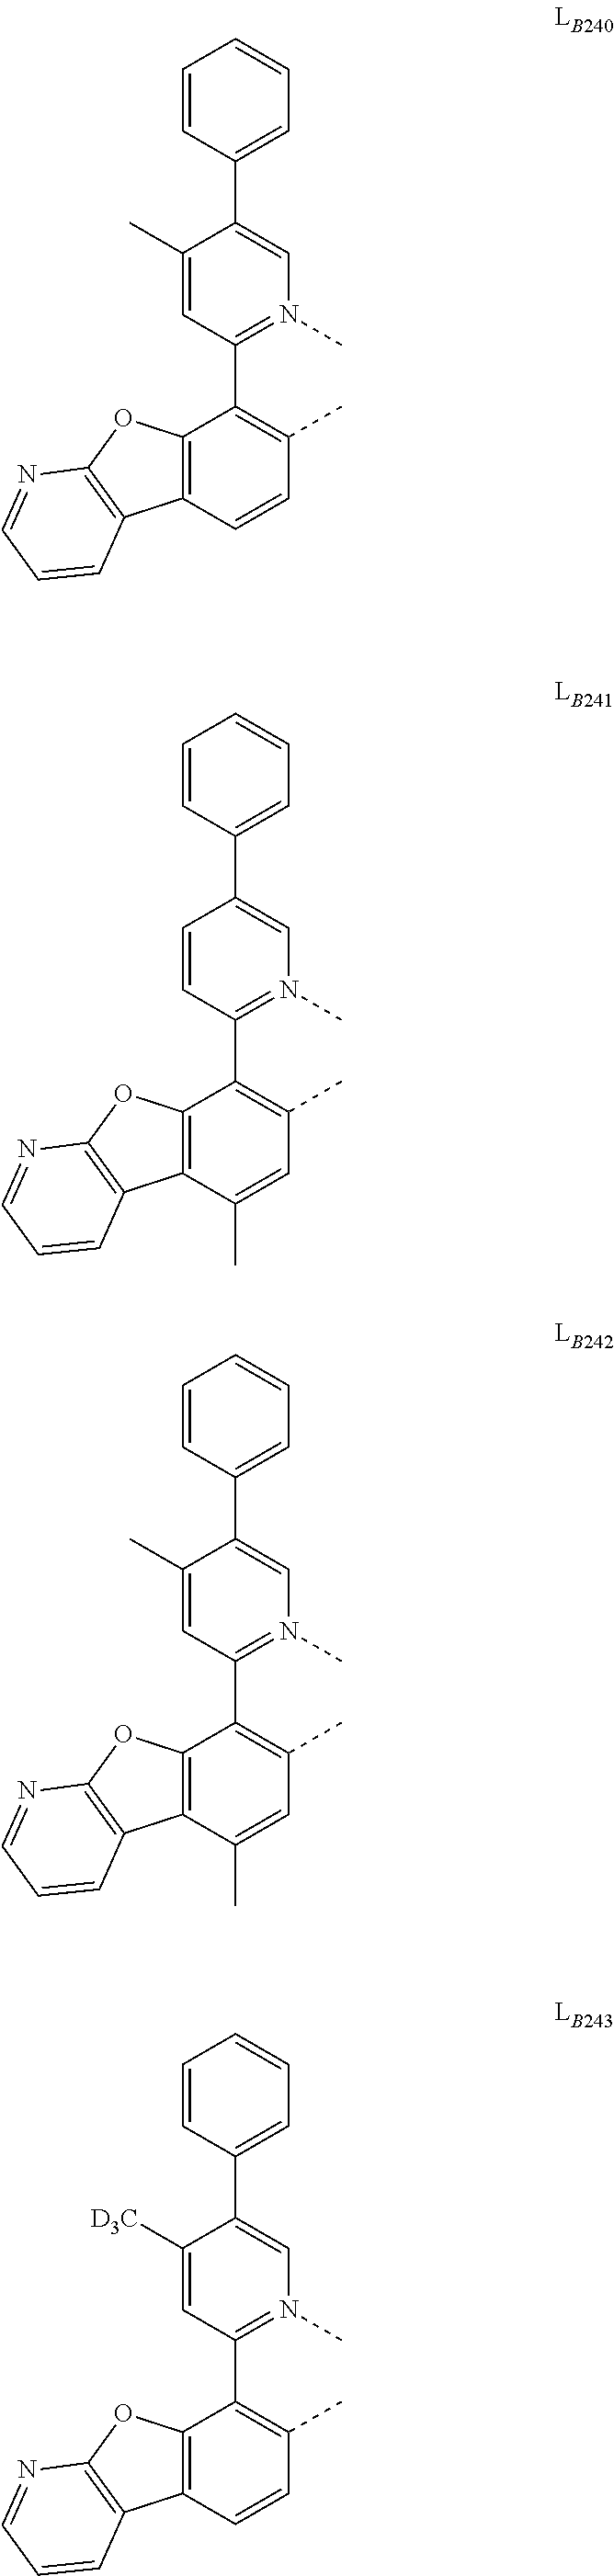 Figure US09929360-20180327-C00091